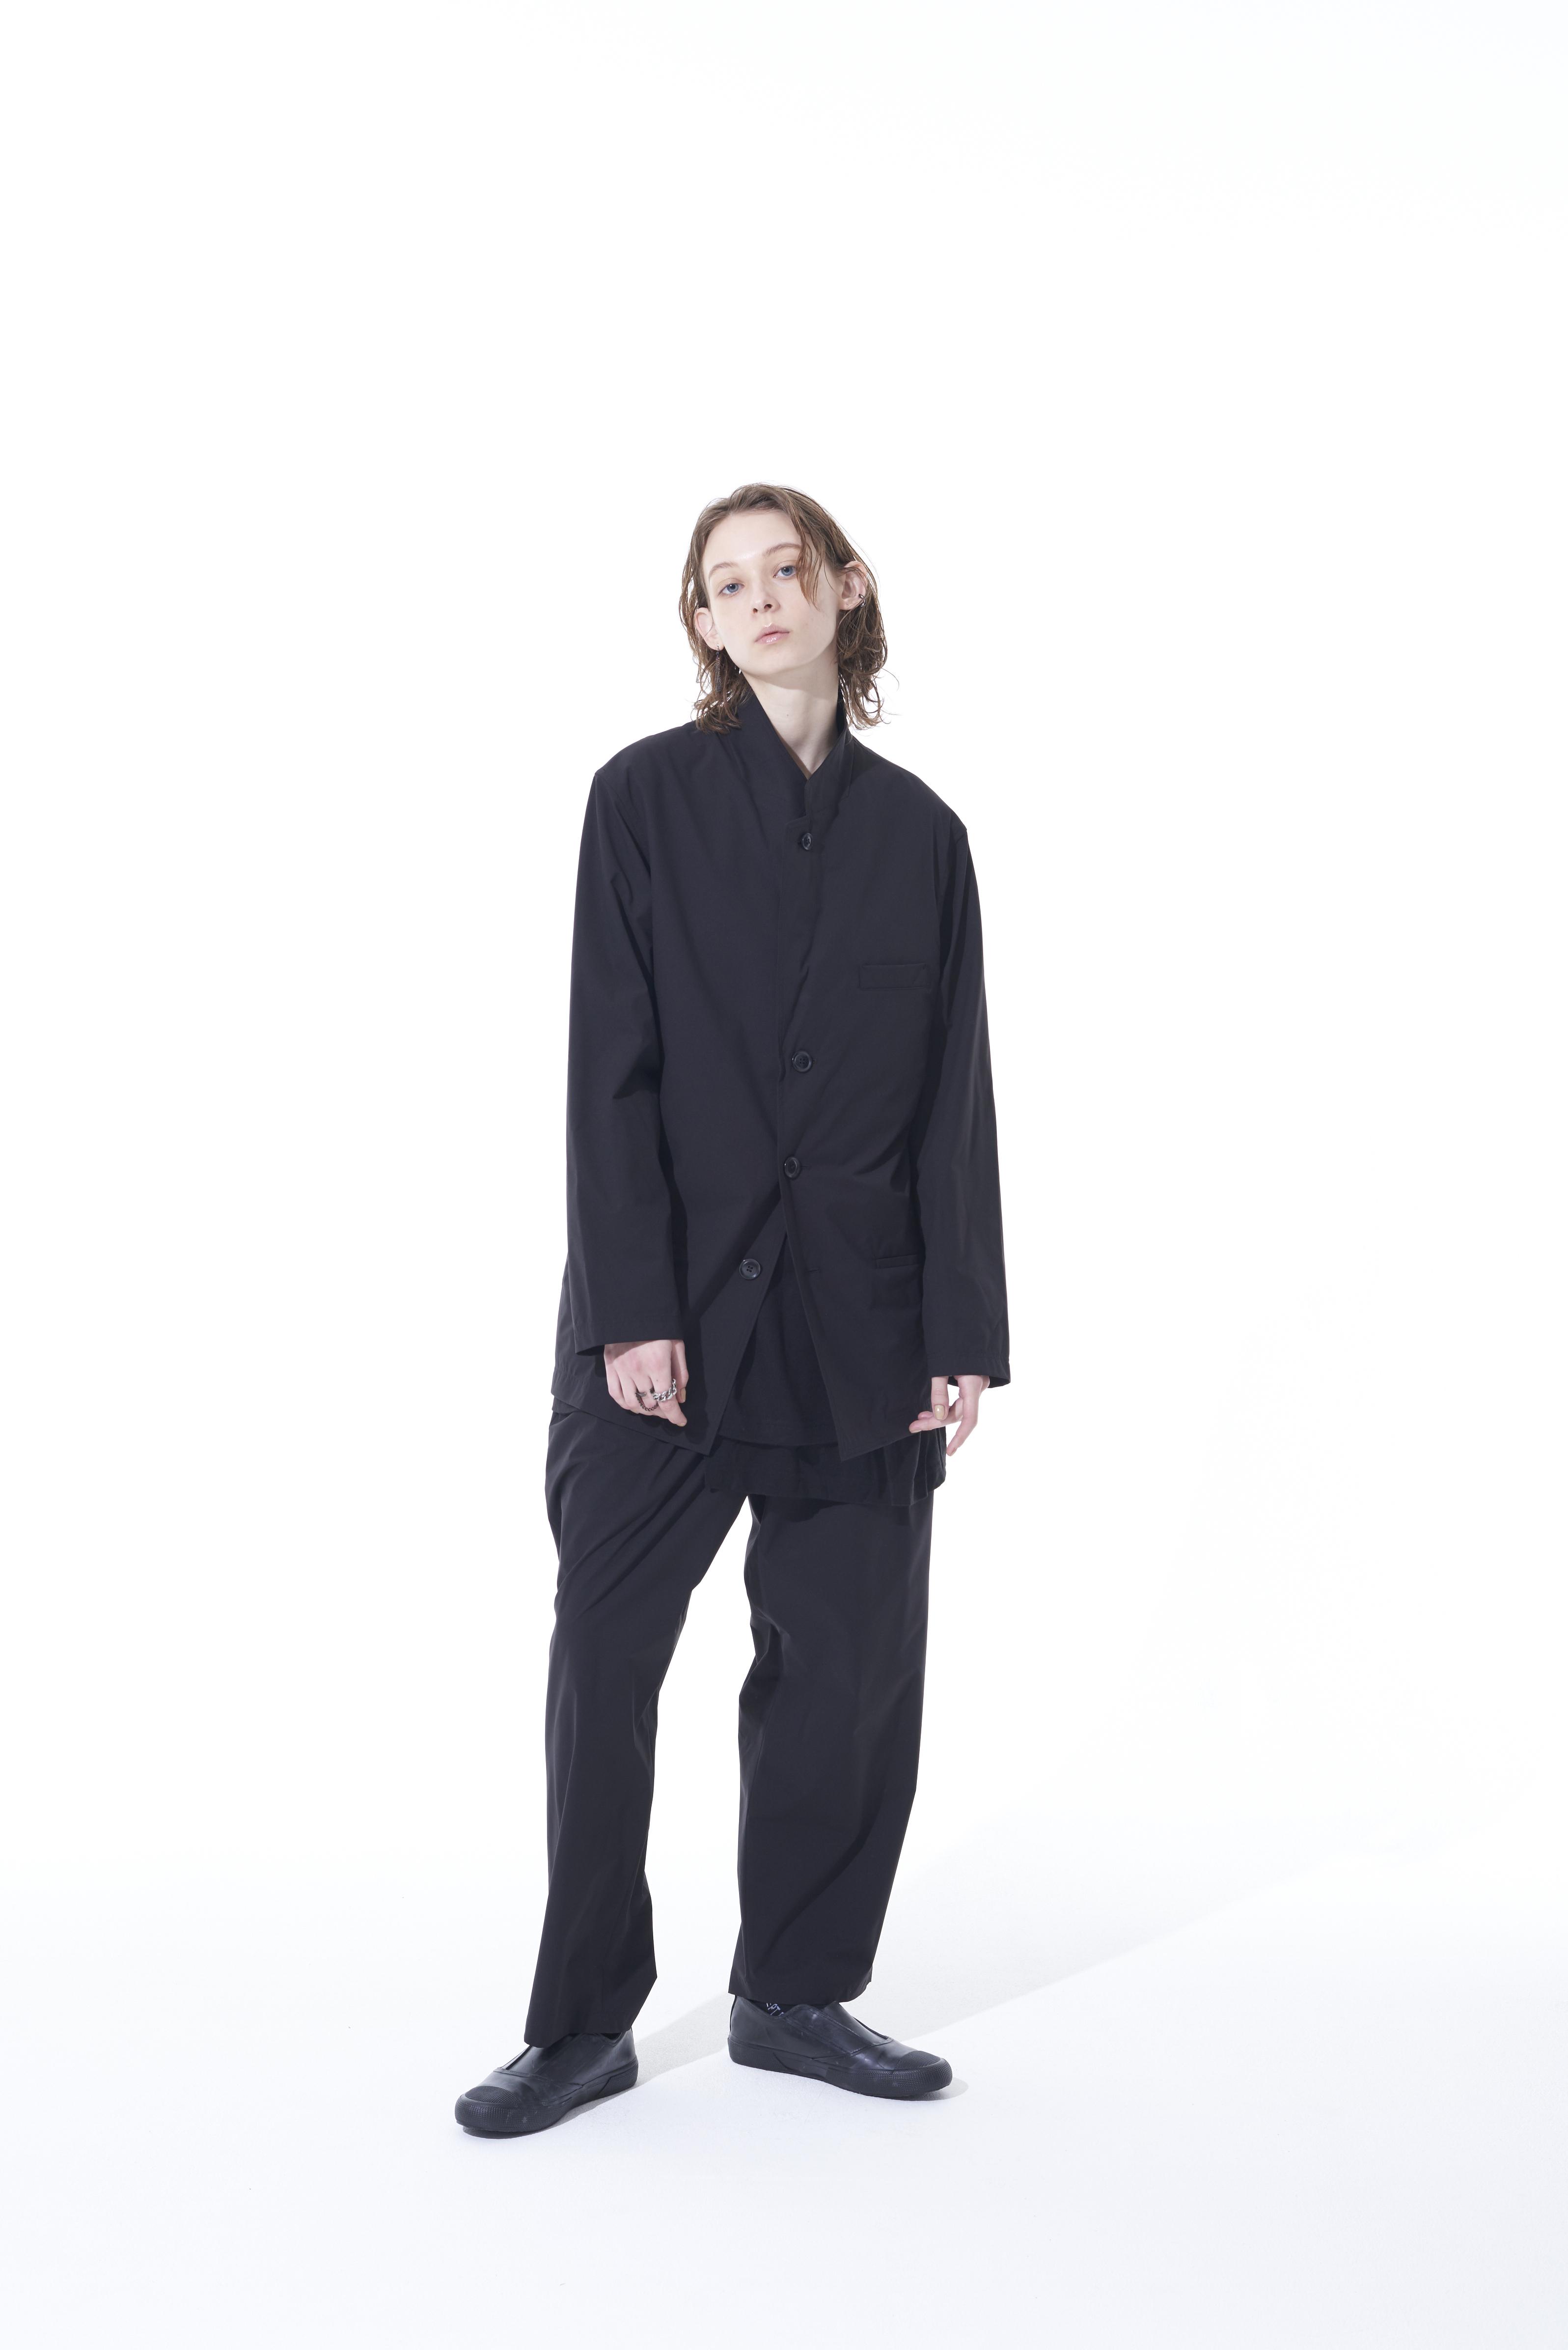 Soltex Packable Traveler 3BS Tailored Shirt Jacket